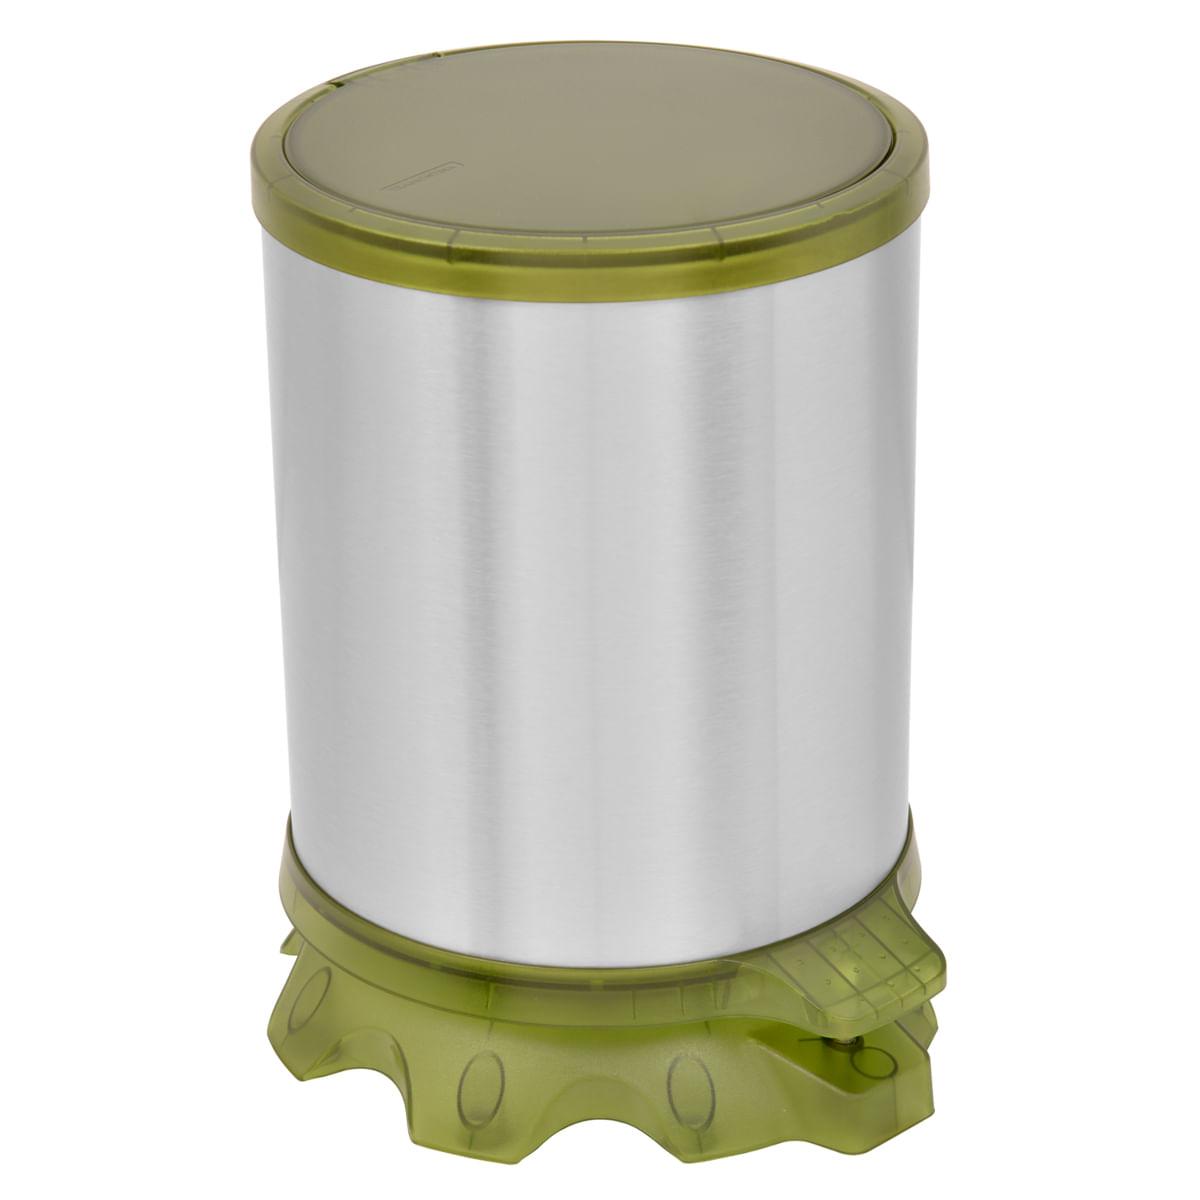 Lixeira Inox Tramontina Sofie Inox Scotch Brite e Detalhes em Plástico Translúcido Verde com Pedal 5 L